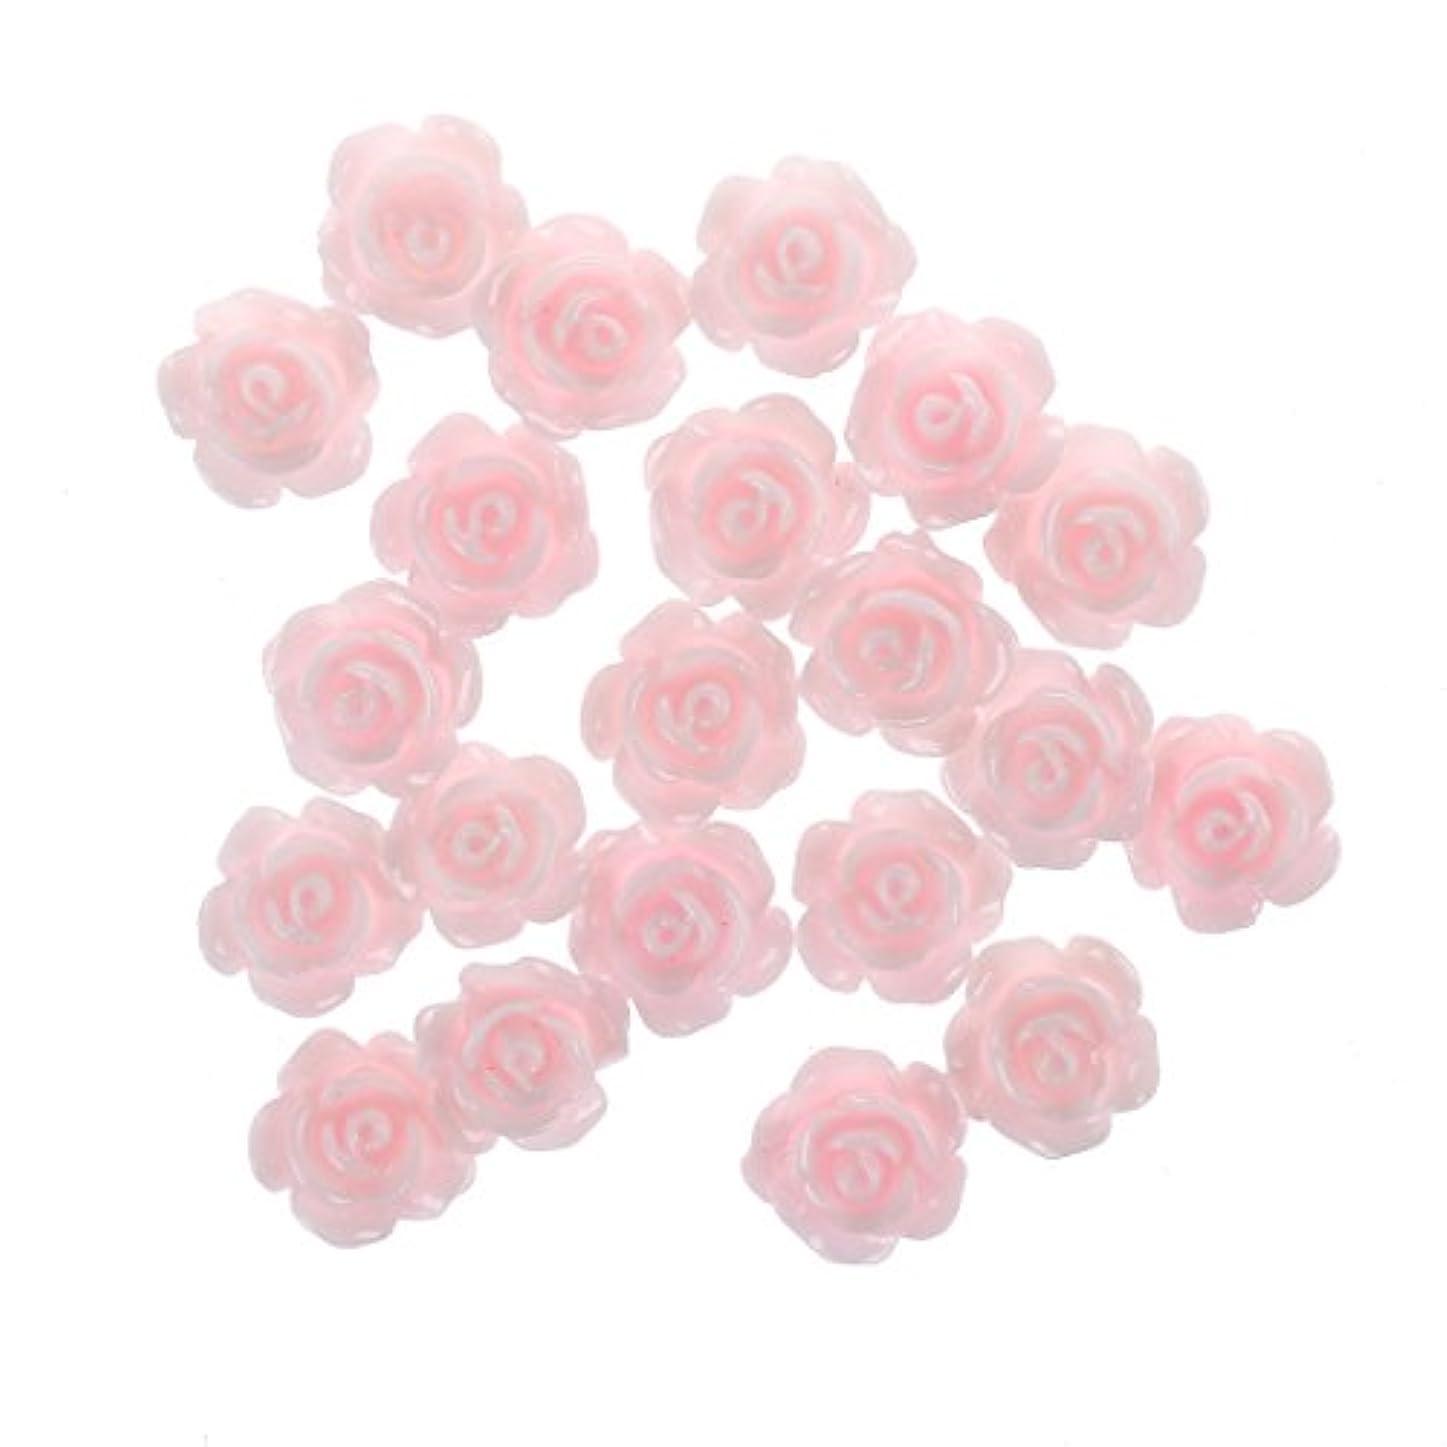 特徴づける生物学パステルNrpfell 20x3Dピンクの小さいバラ ラインストーン付きネイルアート装飾